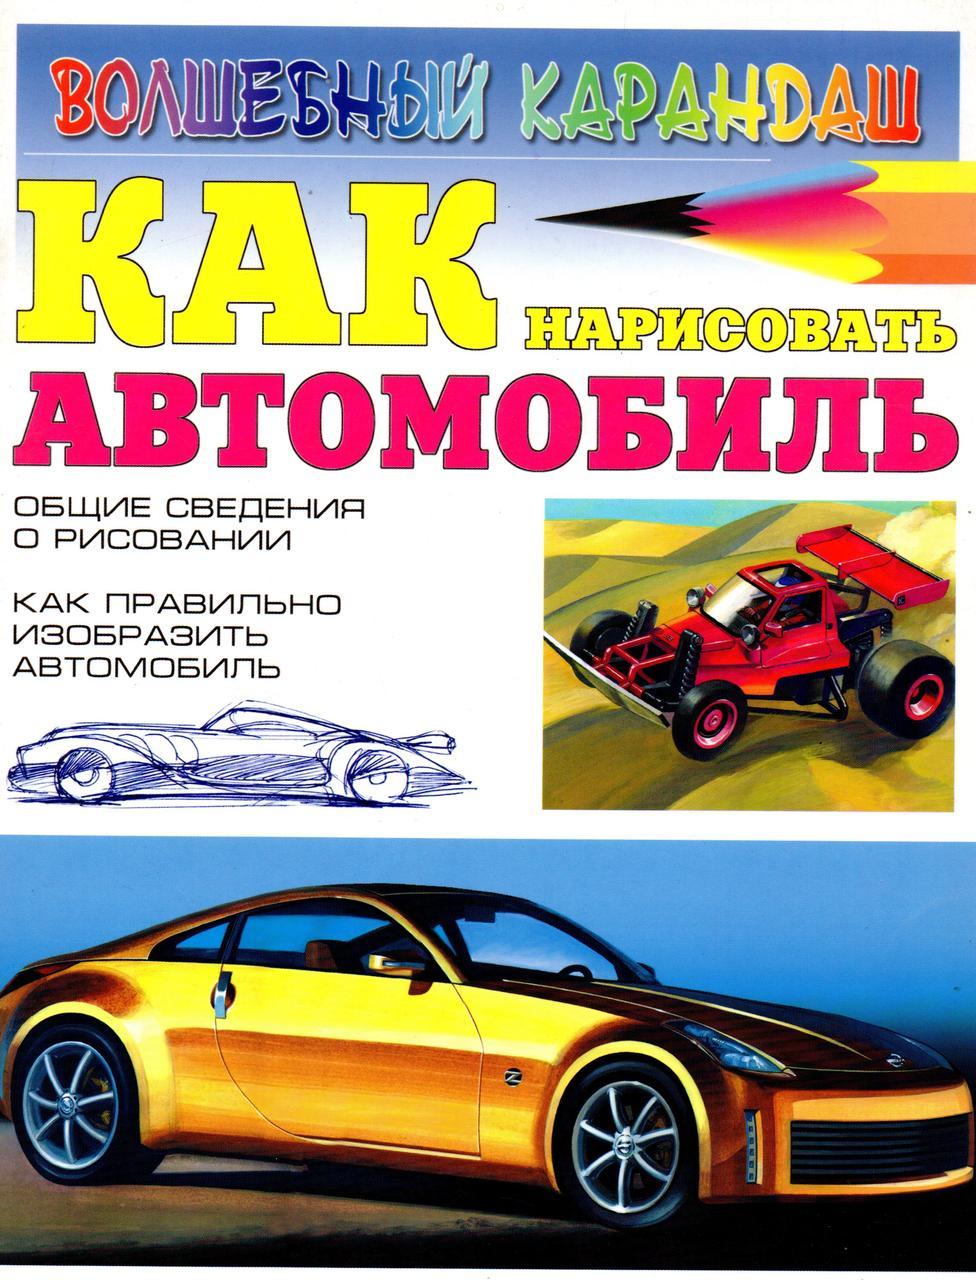 Как нарисовать автомобиль (Волшебный карандаш). Игорь Селютин